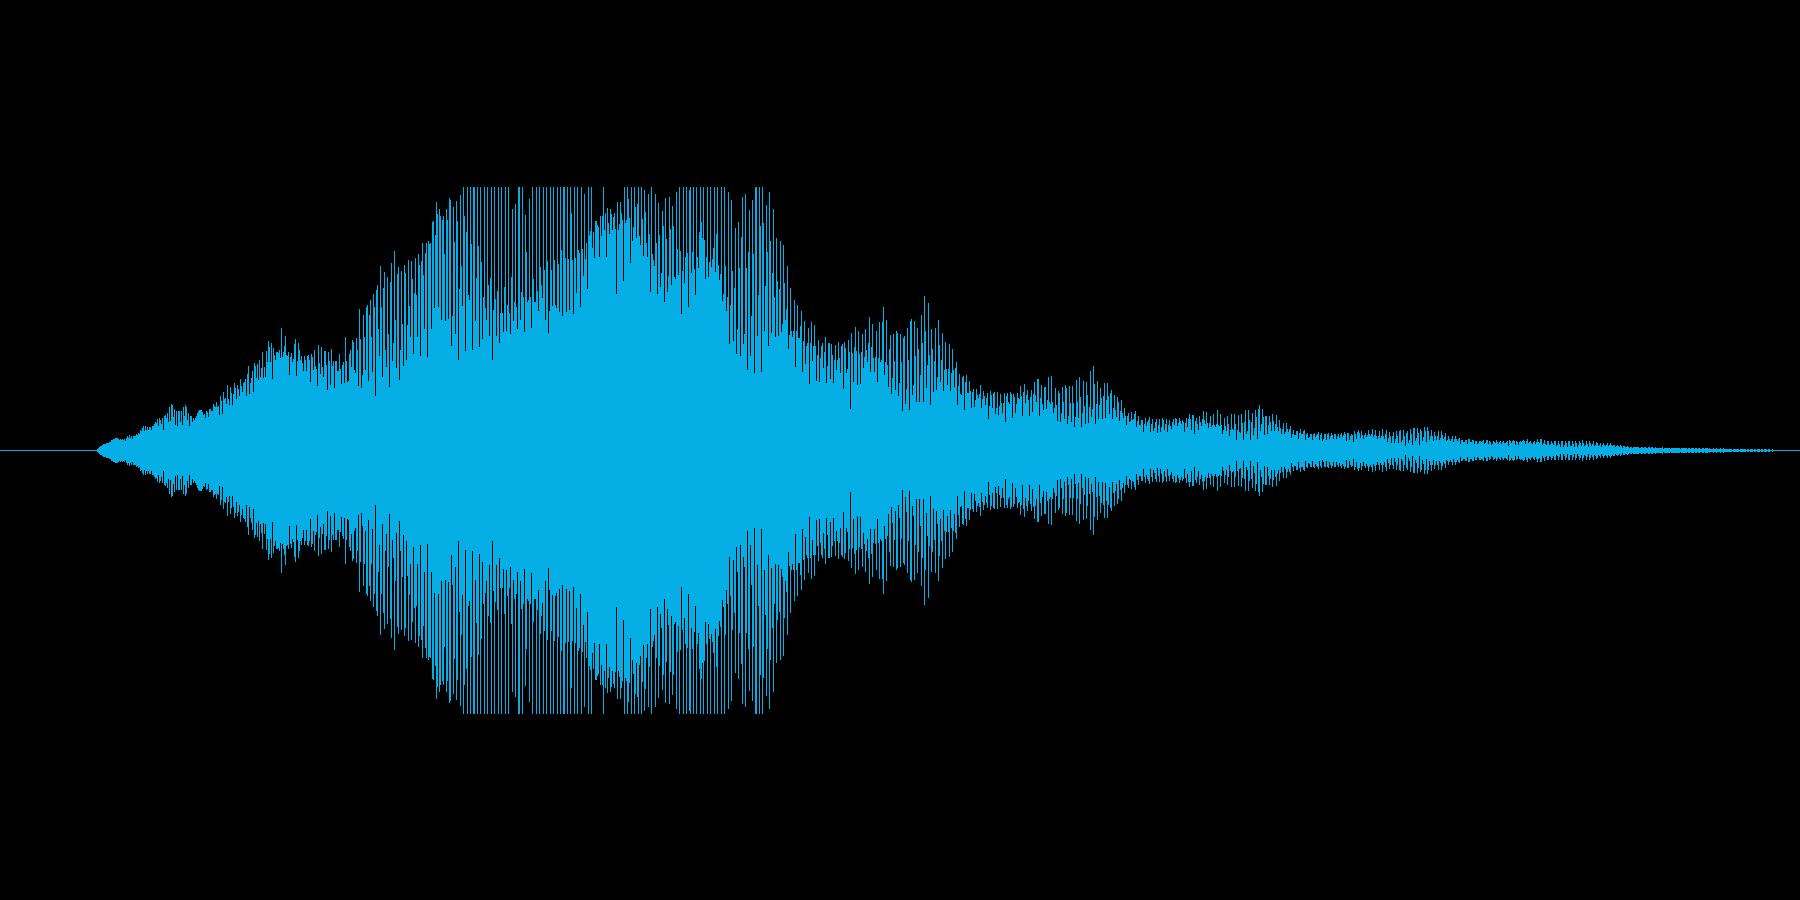 タイトルロゴ表示のイメージ音の再生済みの波形